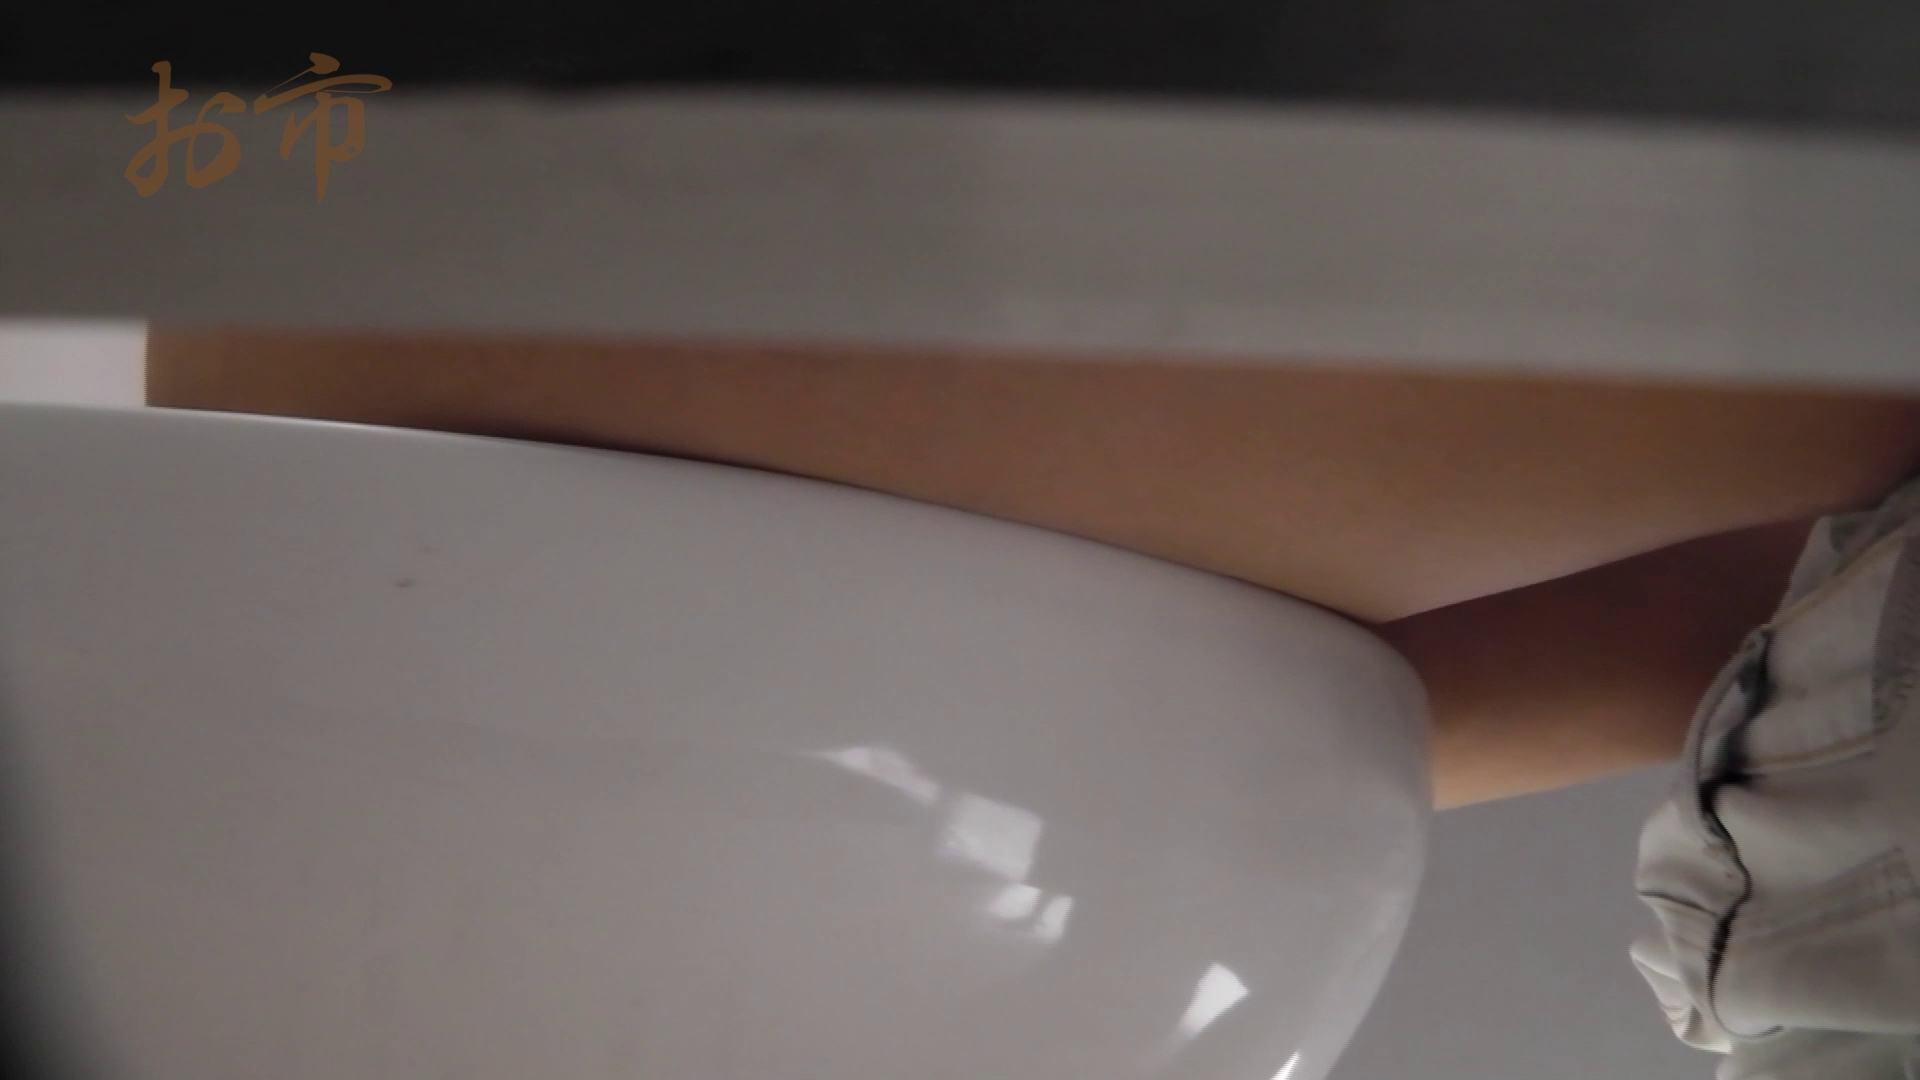 潜入!!台湾名門女学院 Vol.12 長身モデル驚き見たことないシチュエーション 潜入 エロ無料画像 53画像 26